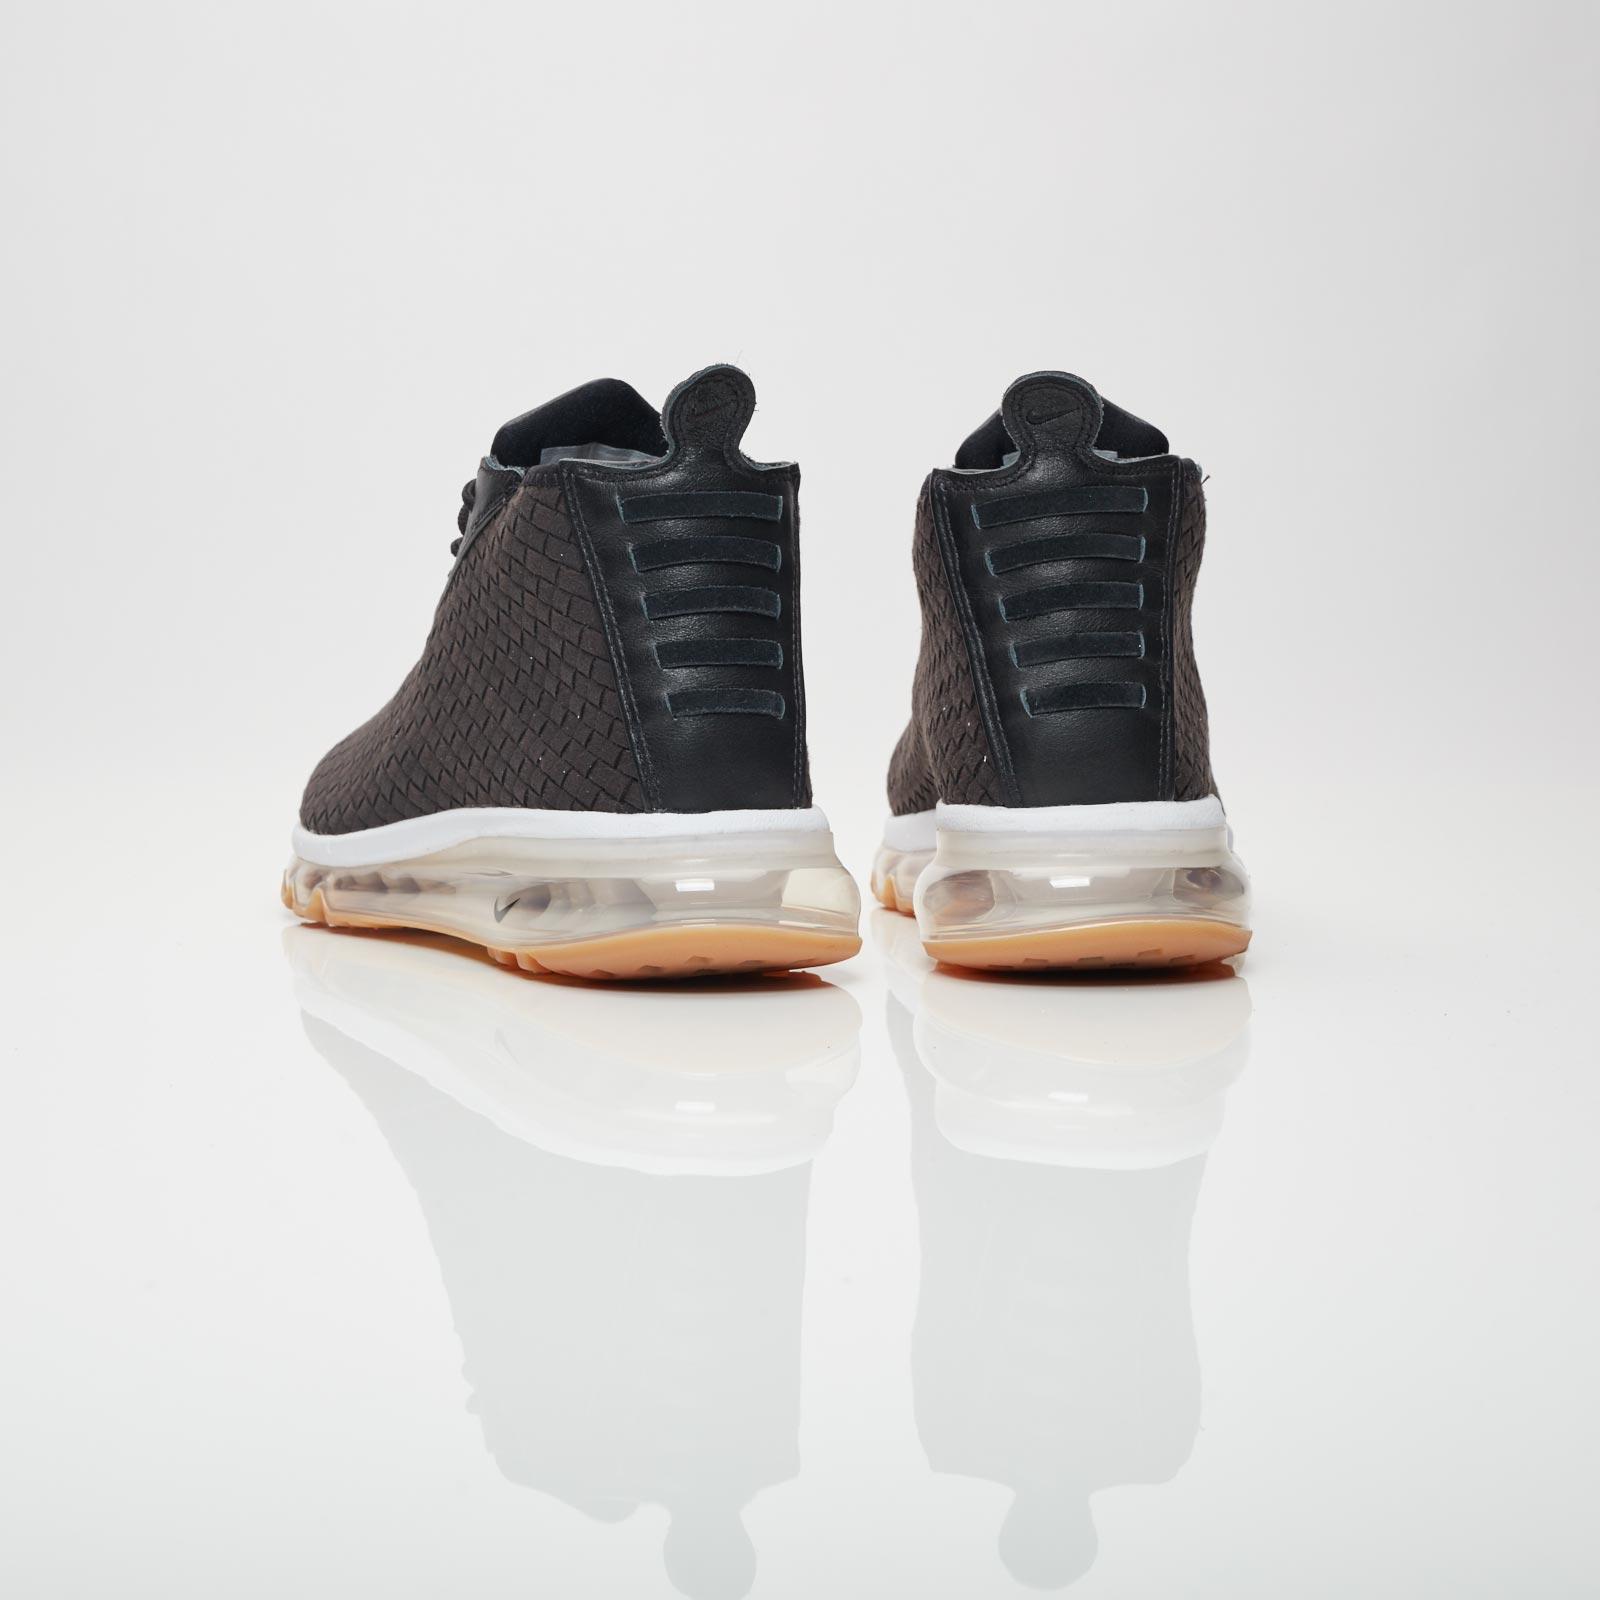 9489a7bccbc8 Nike Sportswear Air Max Woven Boot Nike Sportswear Air Max Woven Boot ...